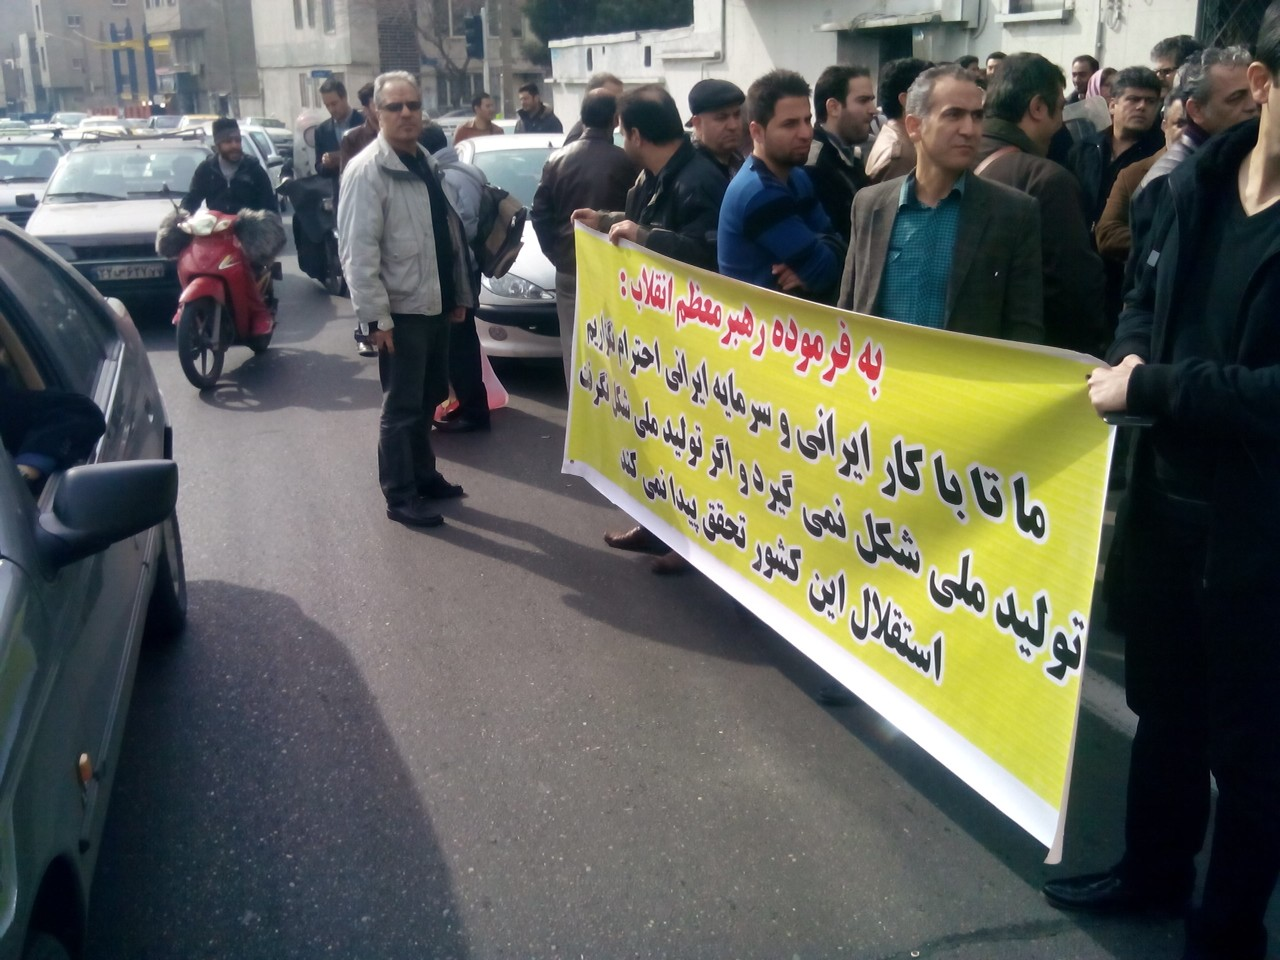 تجمع تولیدکنندگان پوشاک در اعتراض به قرارداد ترجیحی ایران و ترکیه